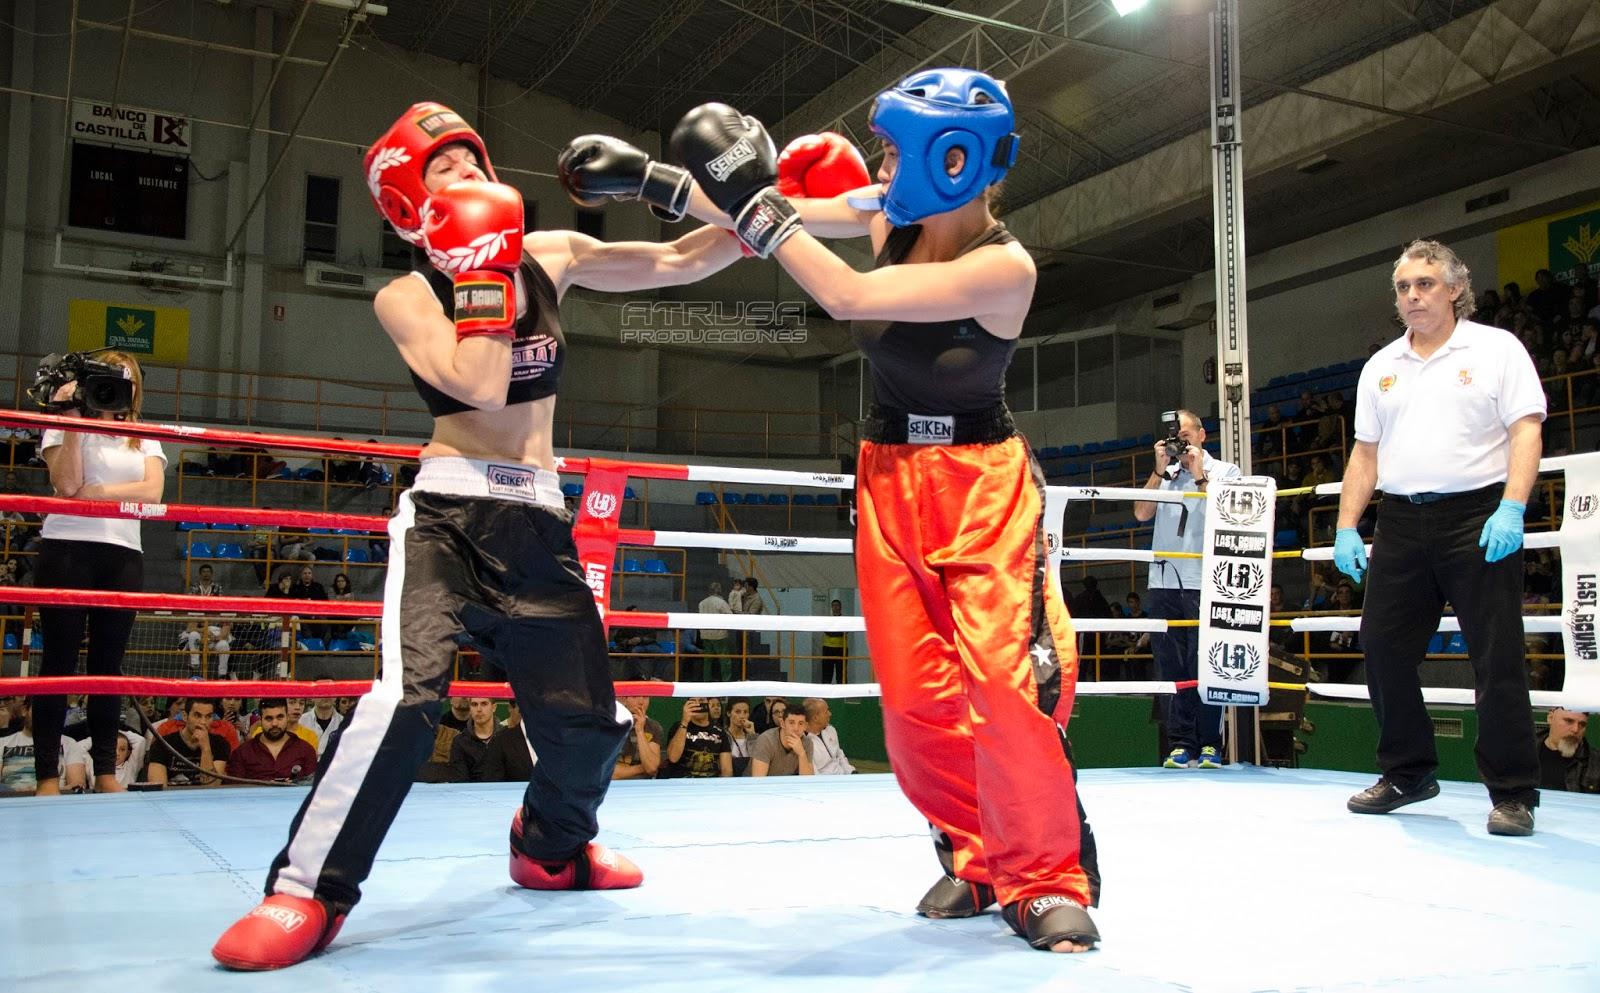 Luchadoras pegándose puñetazos